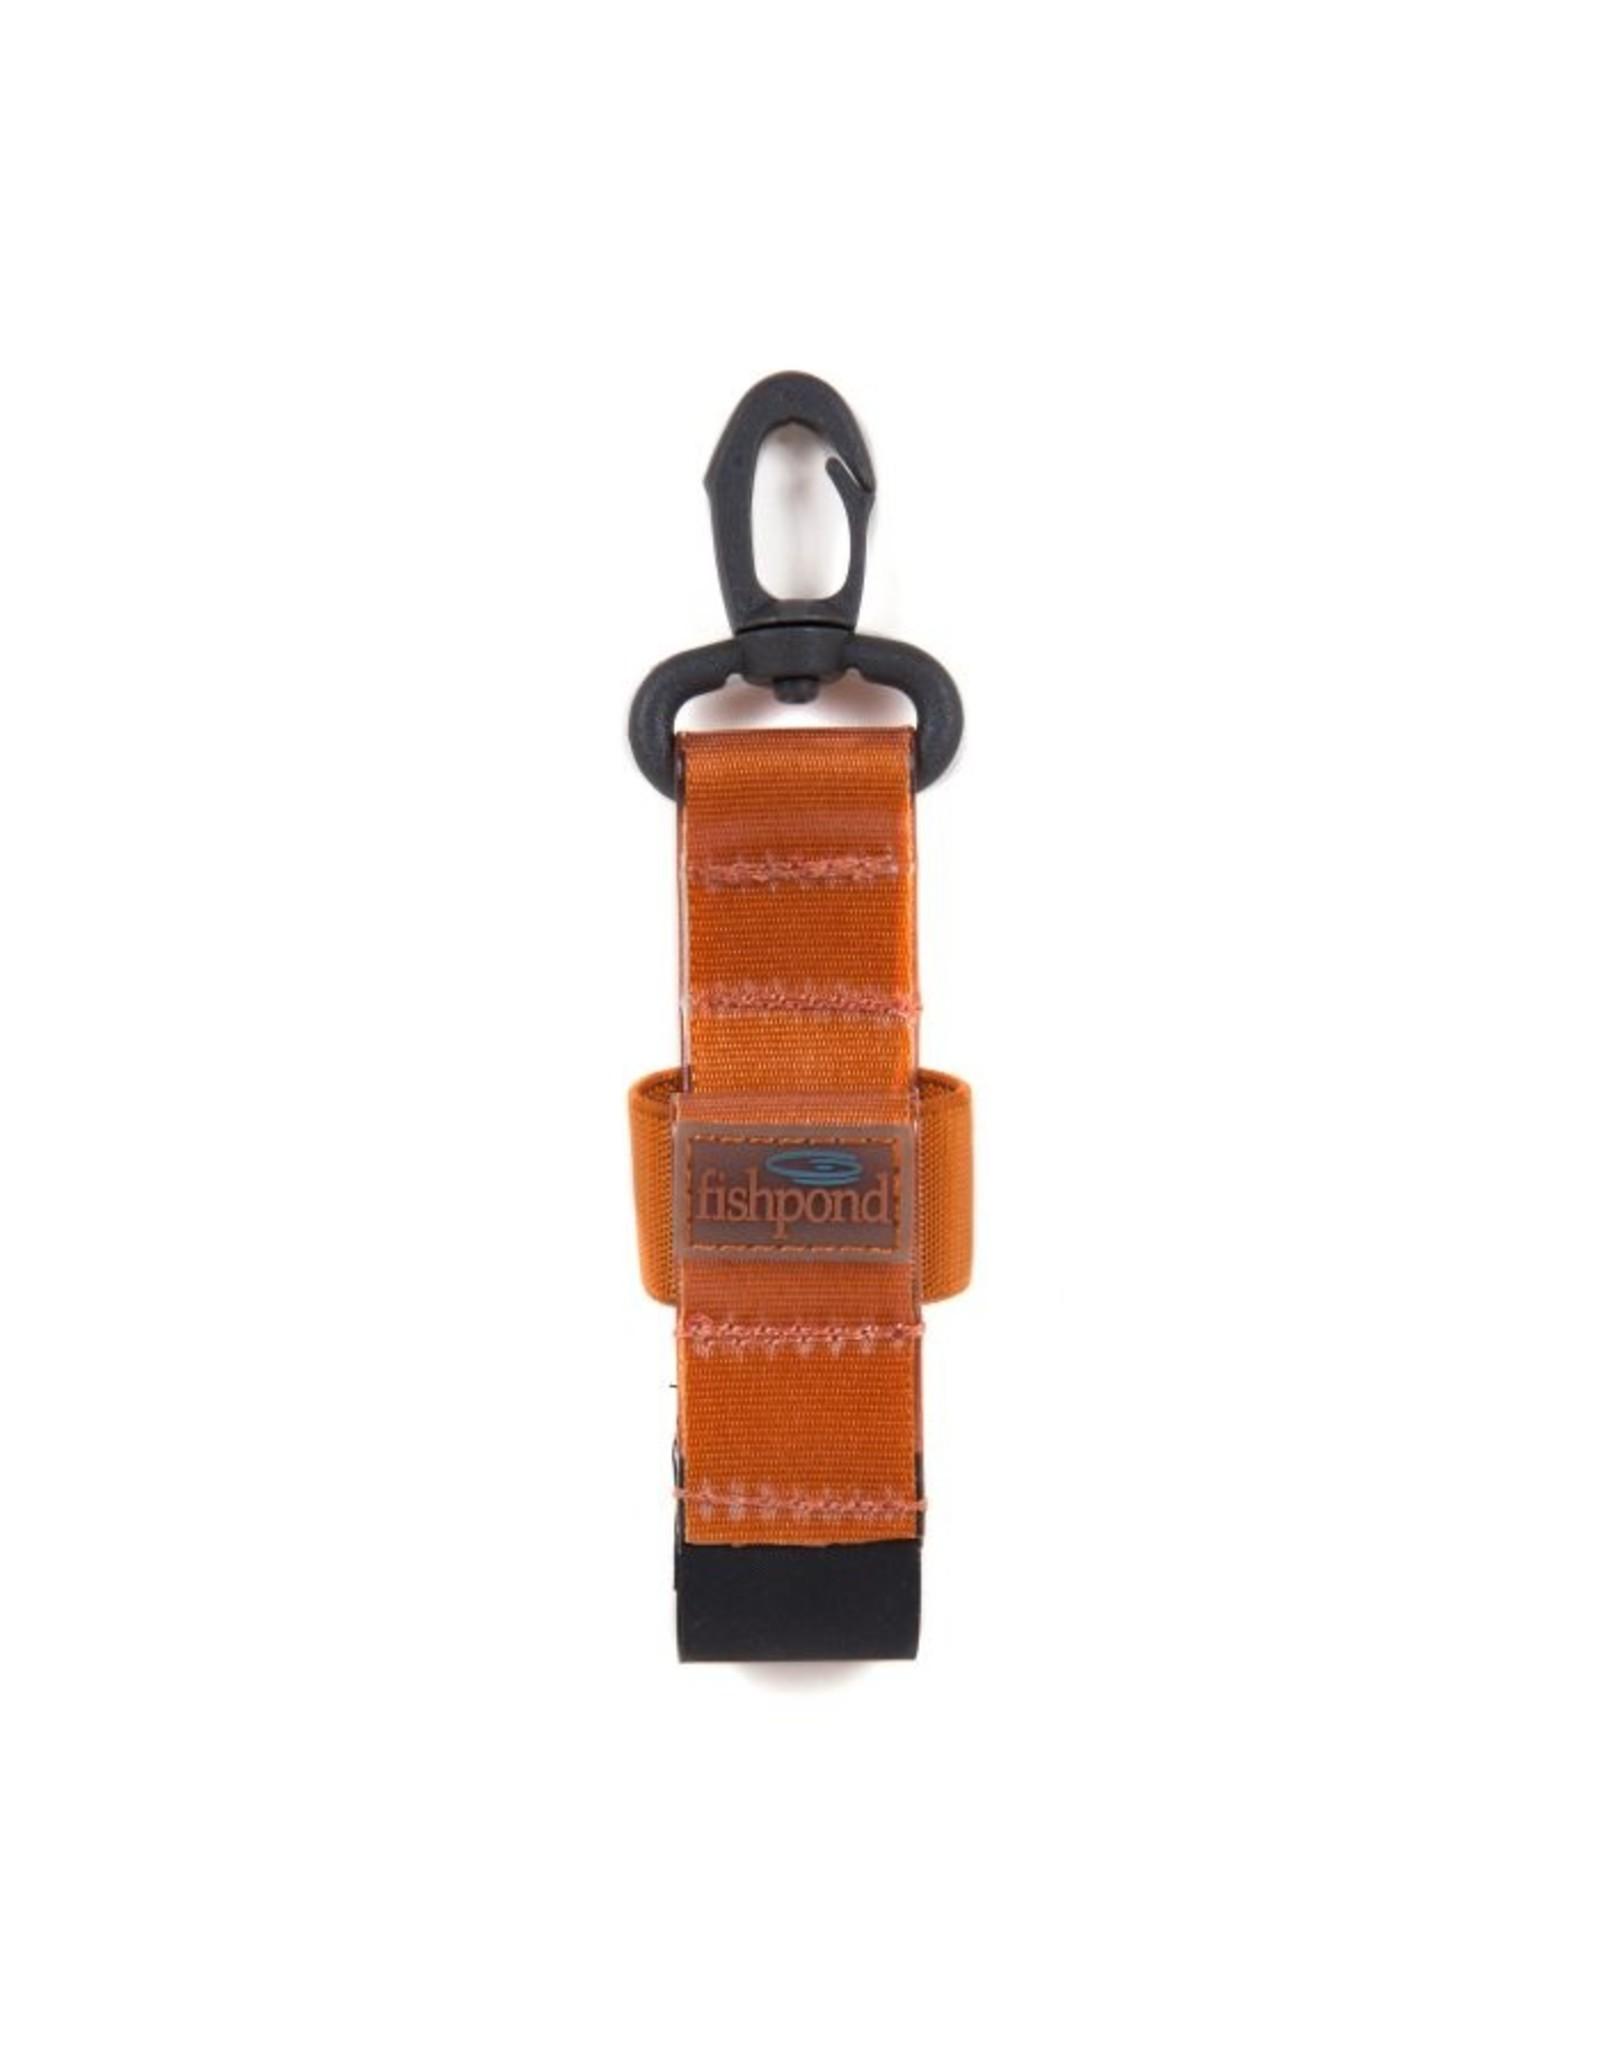 Fishpond Dry Shake Bottle Holder - Cutthroat Orange